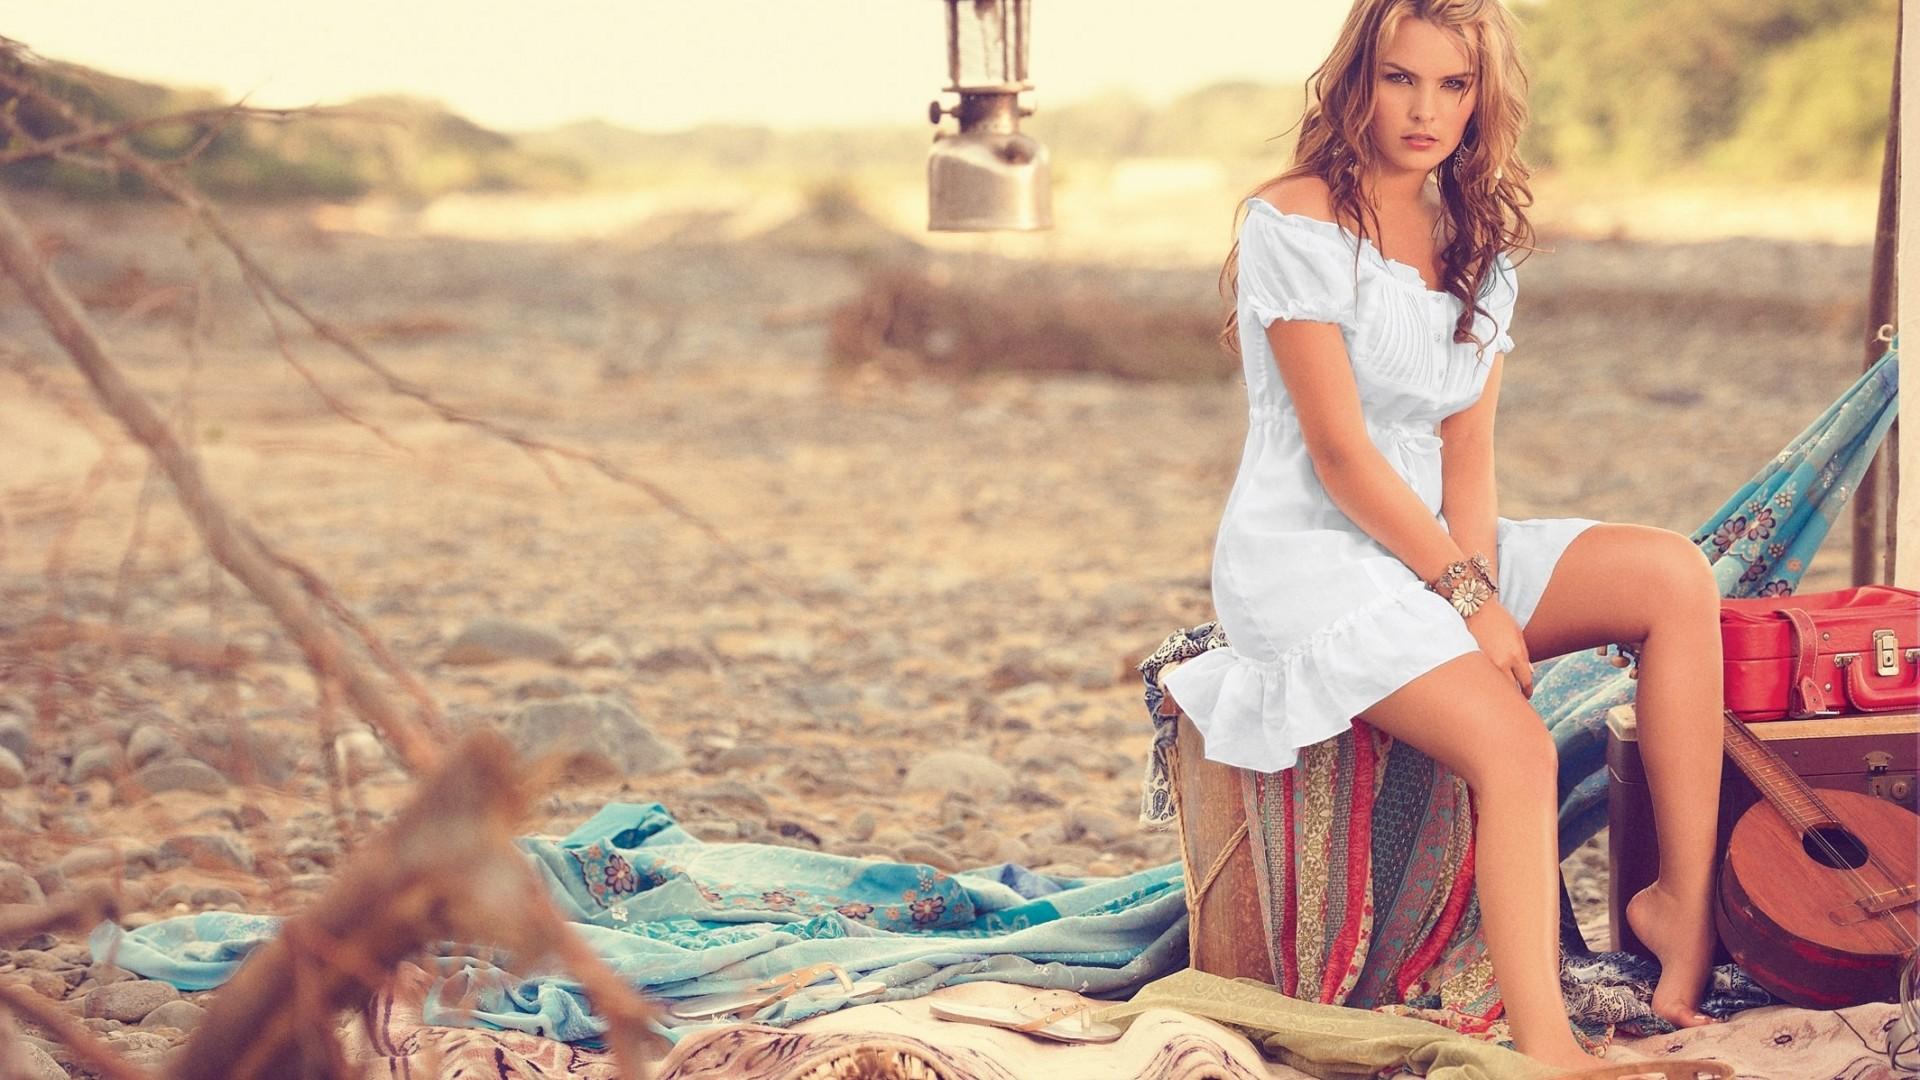 Девушка сидит на пляже, лиззи билан порно фото